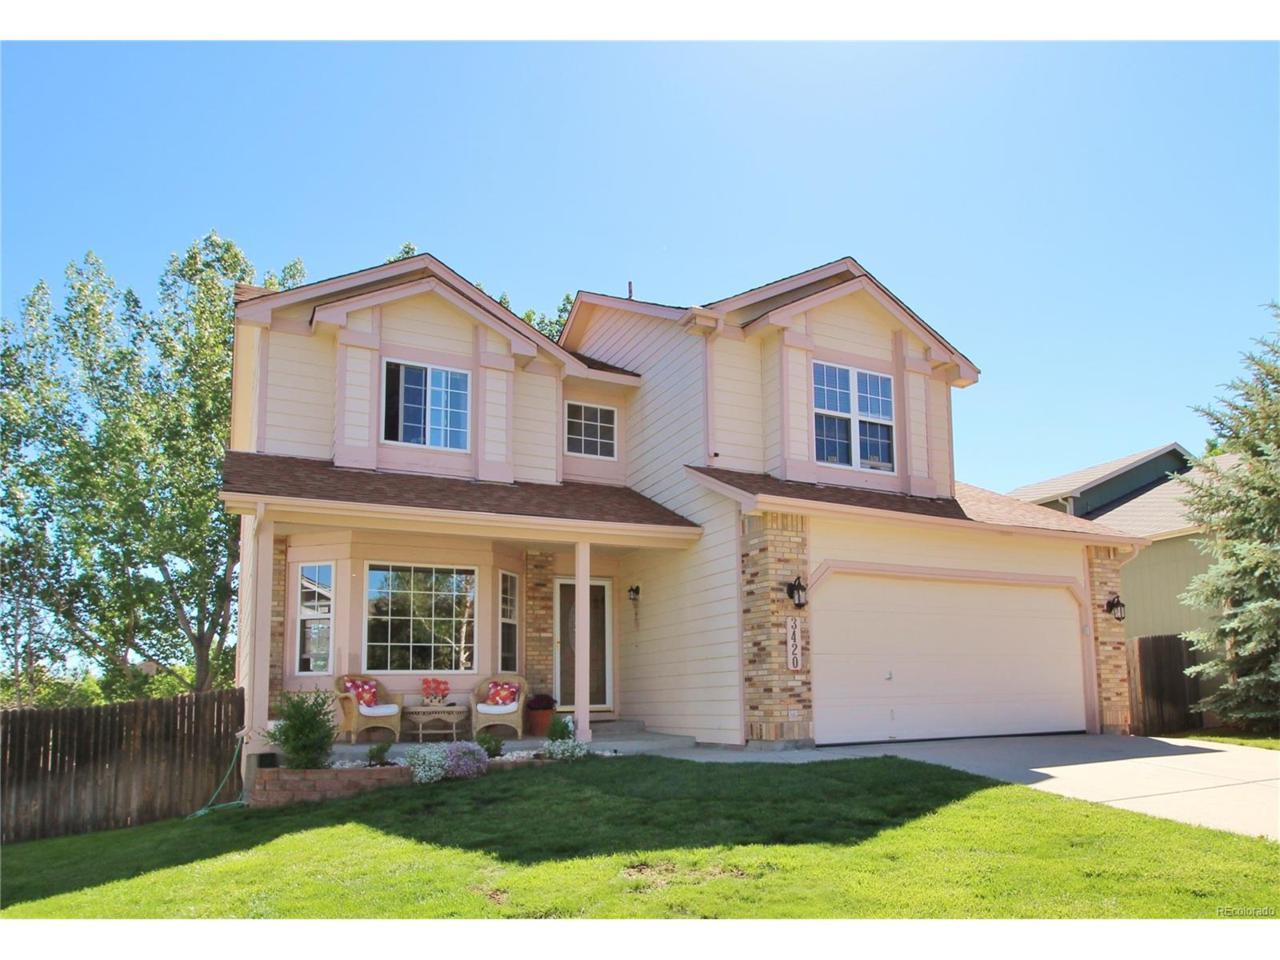 3420 Honeyburyl Drive, Colorado Springs, CO 80918 (MLS #9091015) :: 8z Real Estate